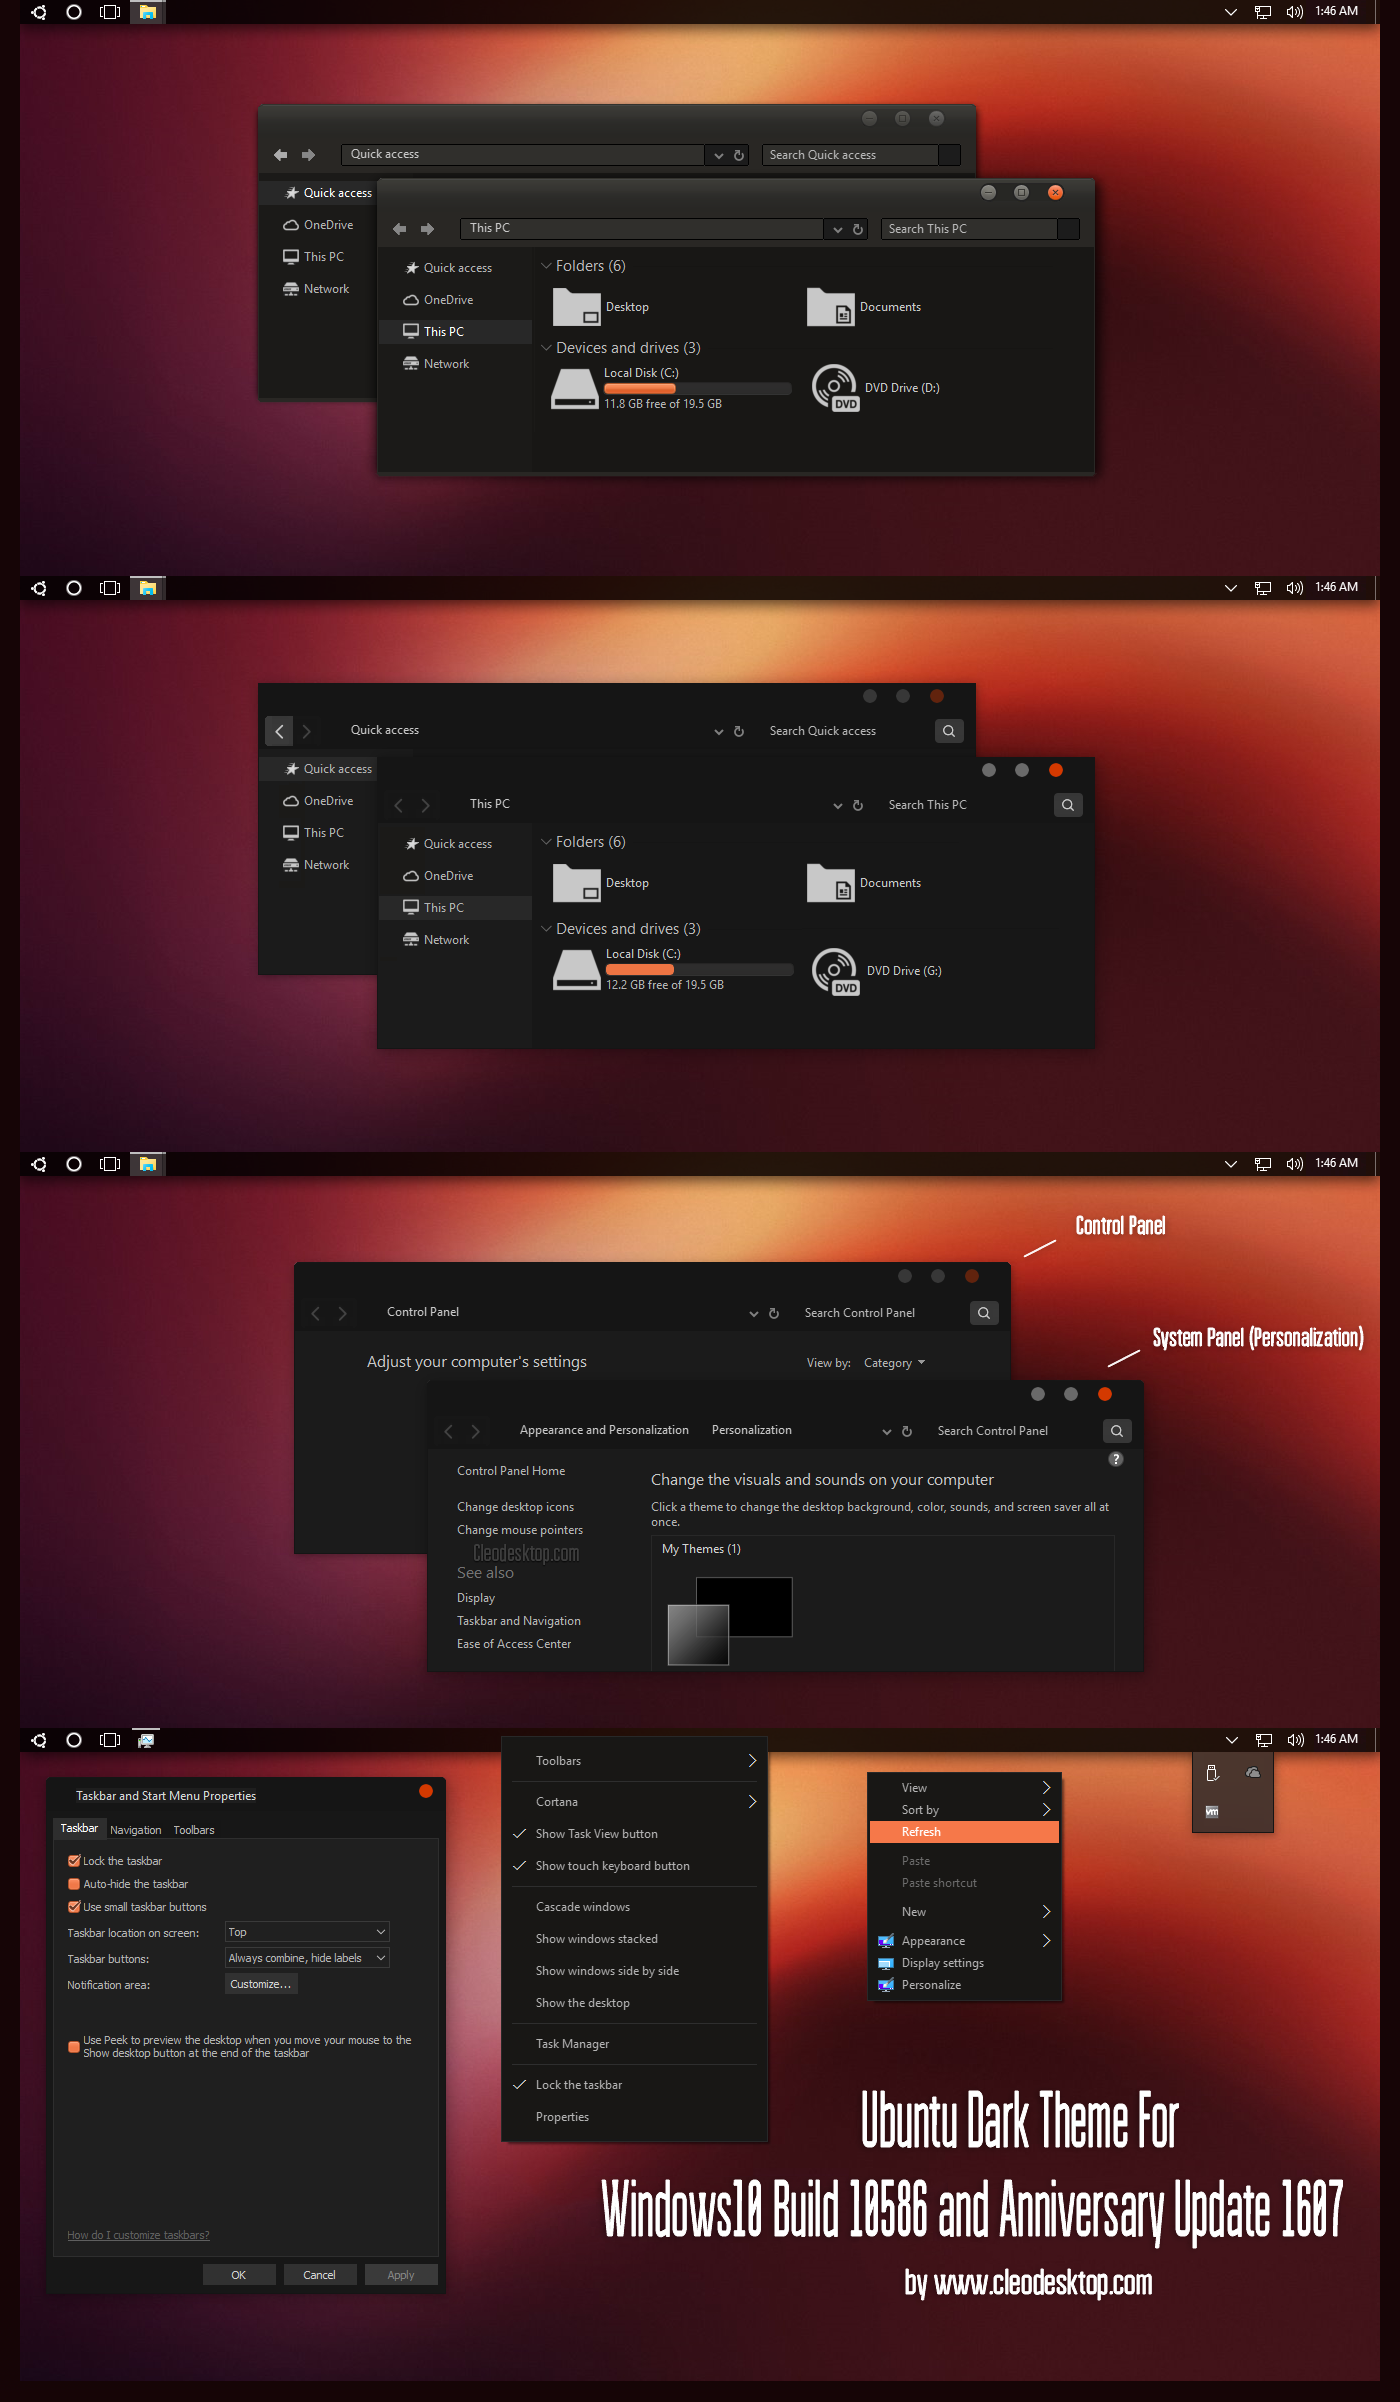 Ubuntu Dark Theme Win10 Anniversary Update1